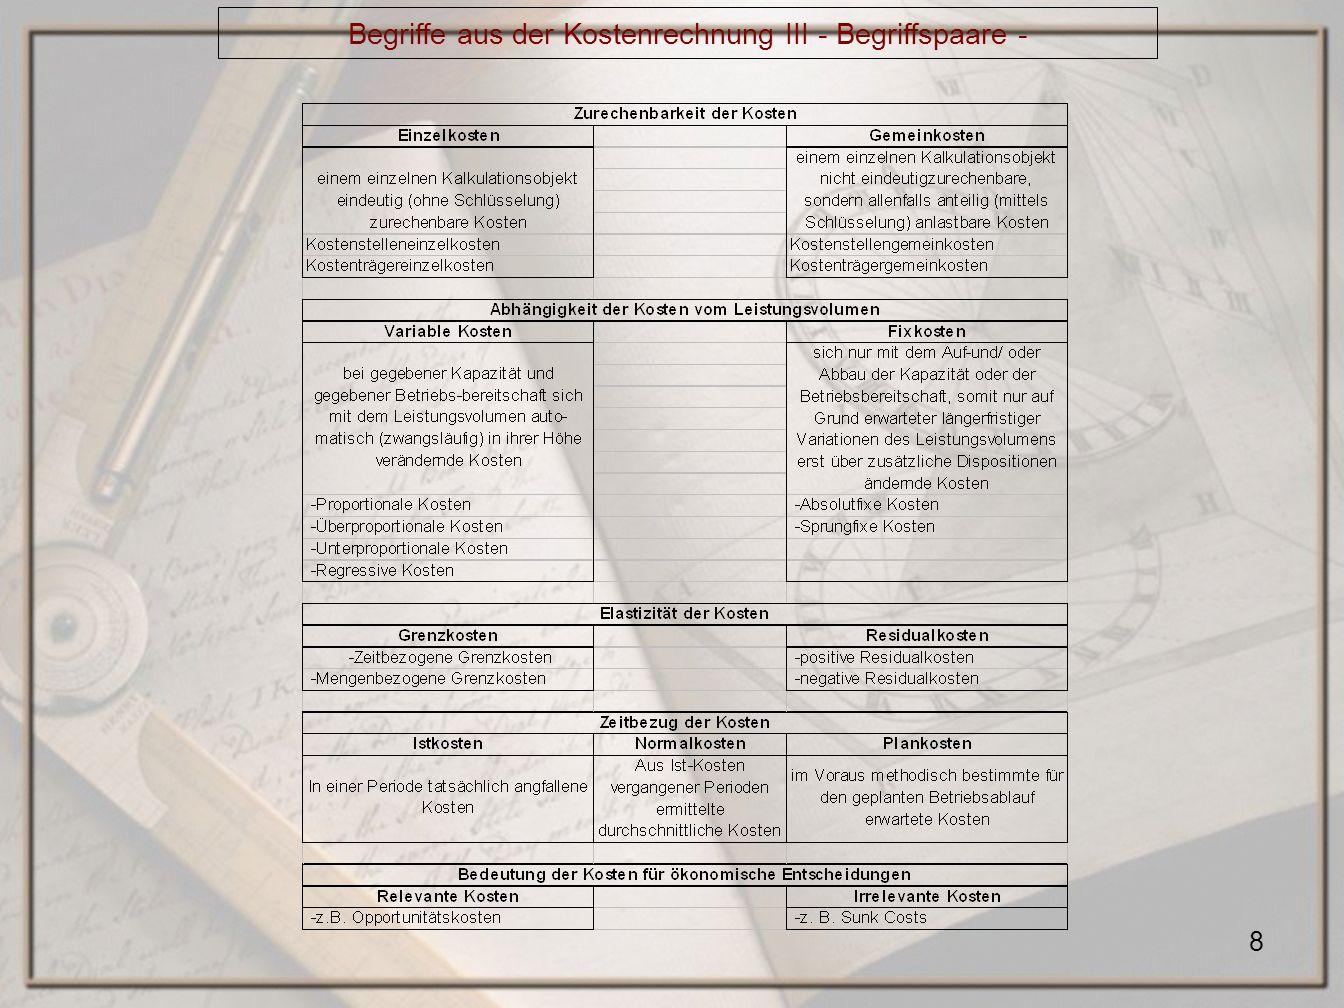 8 Begriffe aus der Kostenrechnung III - Begriffspaare -